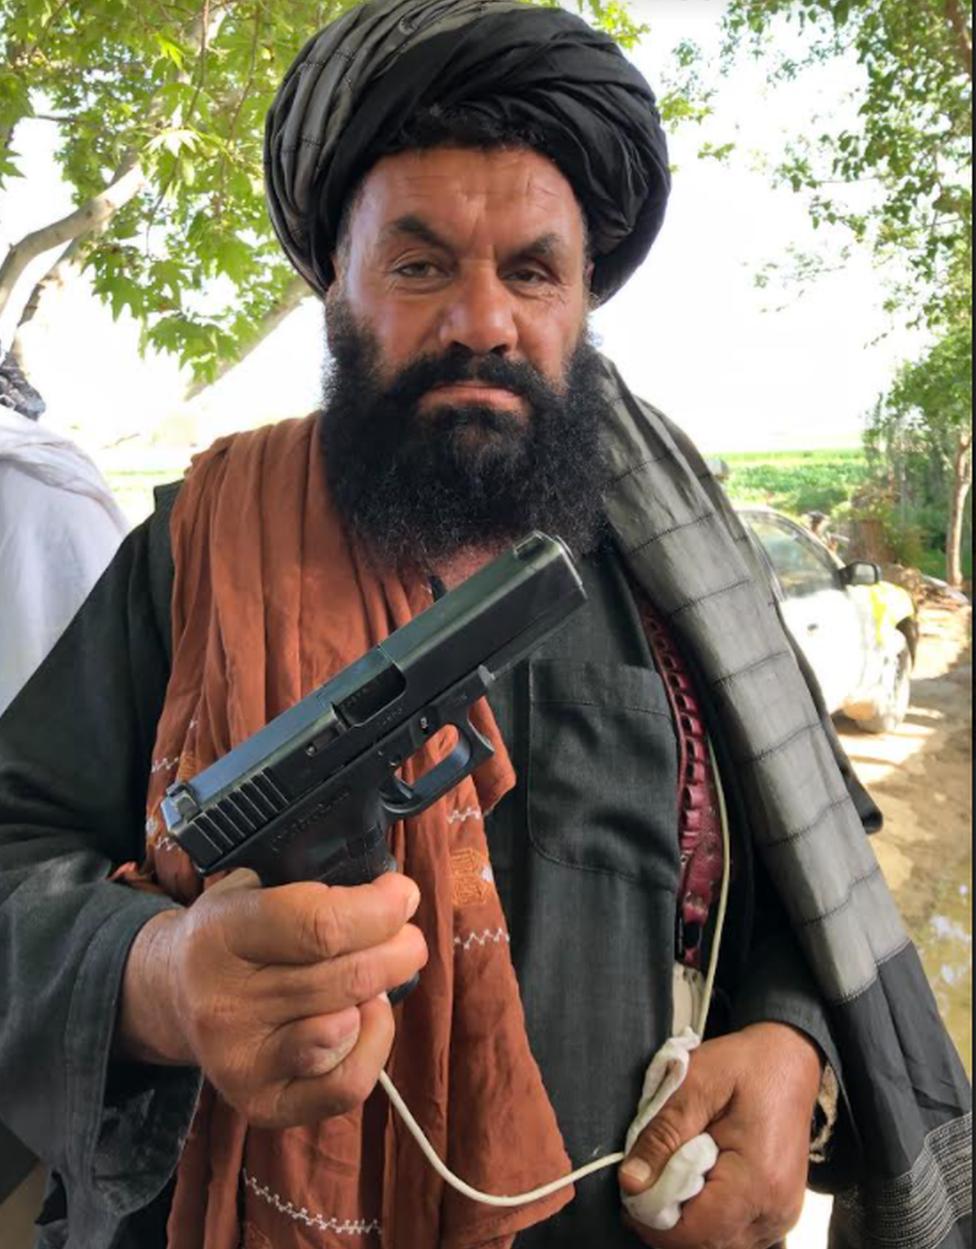 Combatente do Taleban posando com arma da Otan